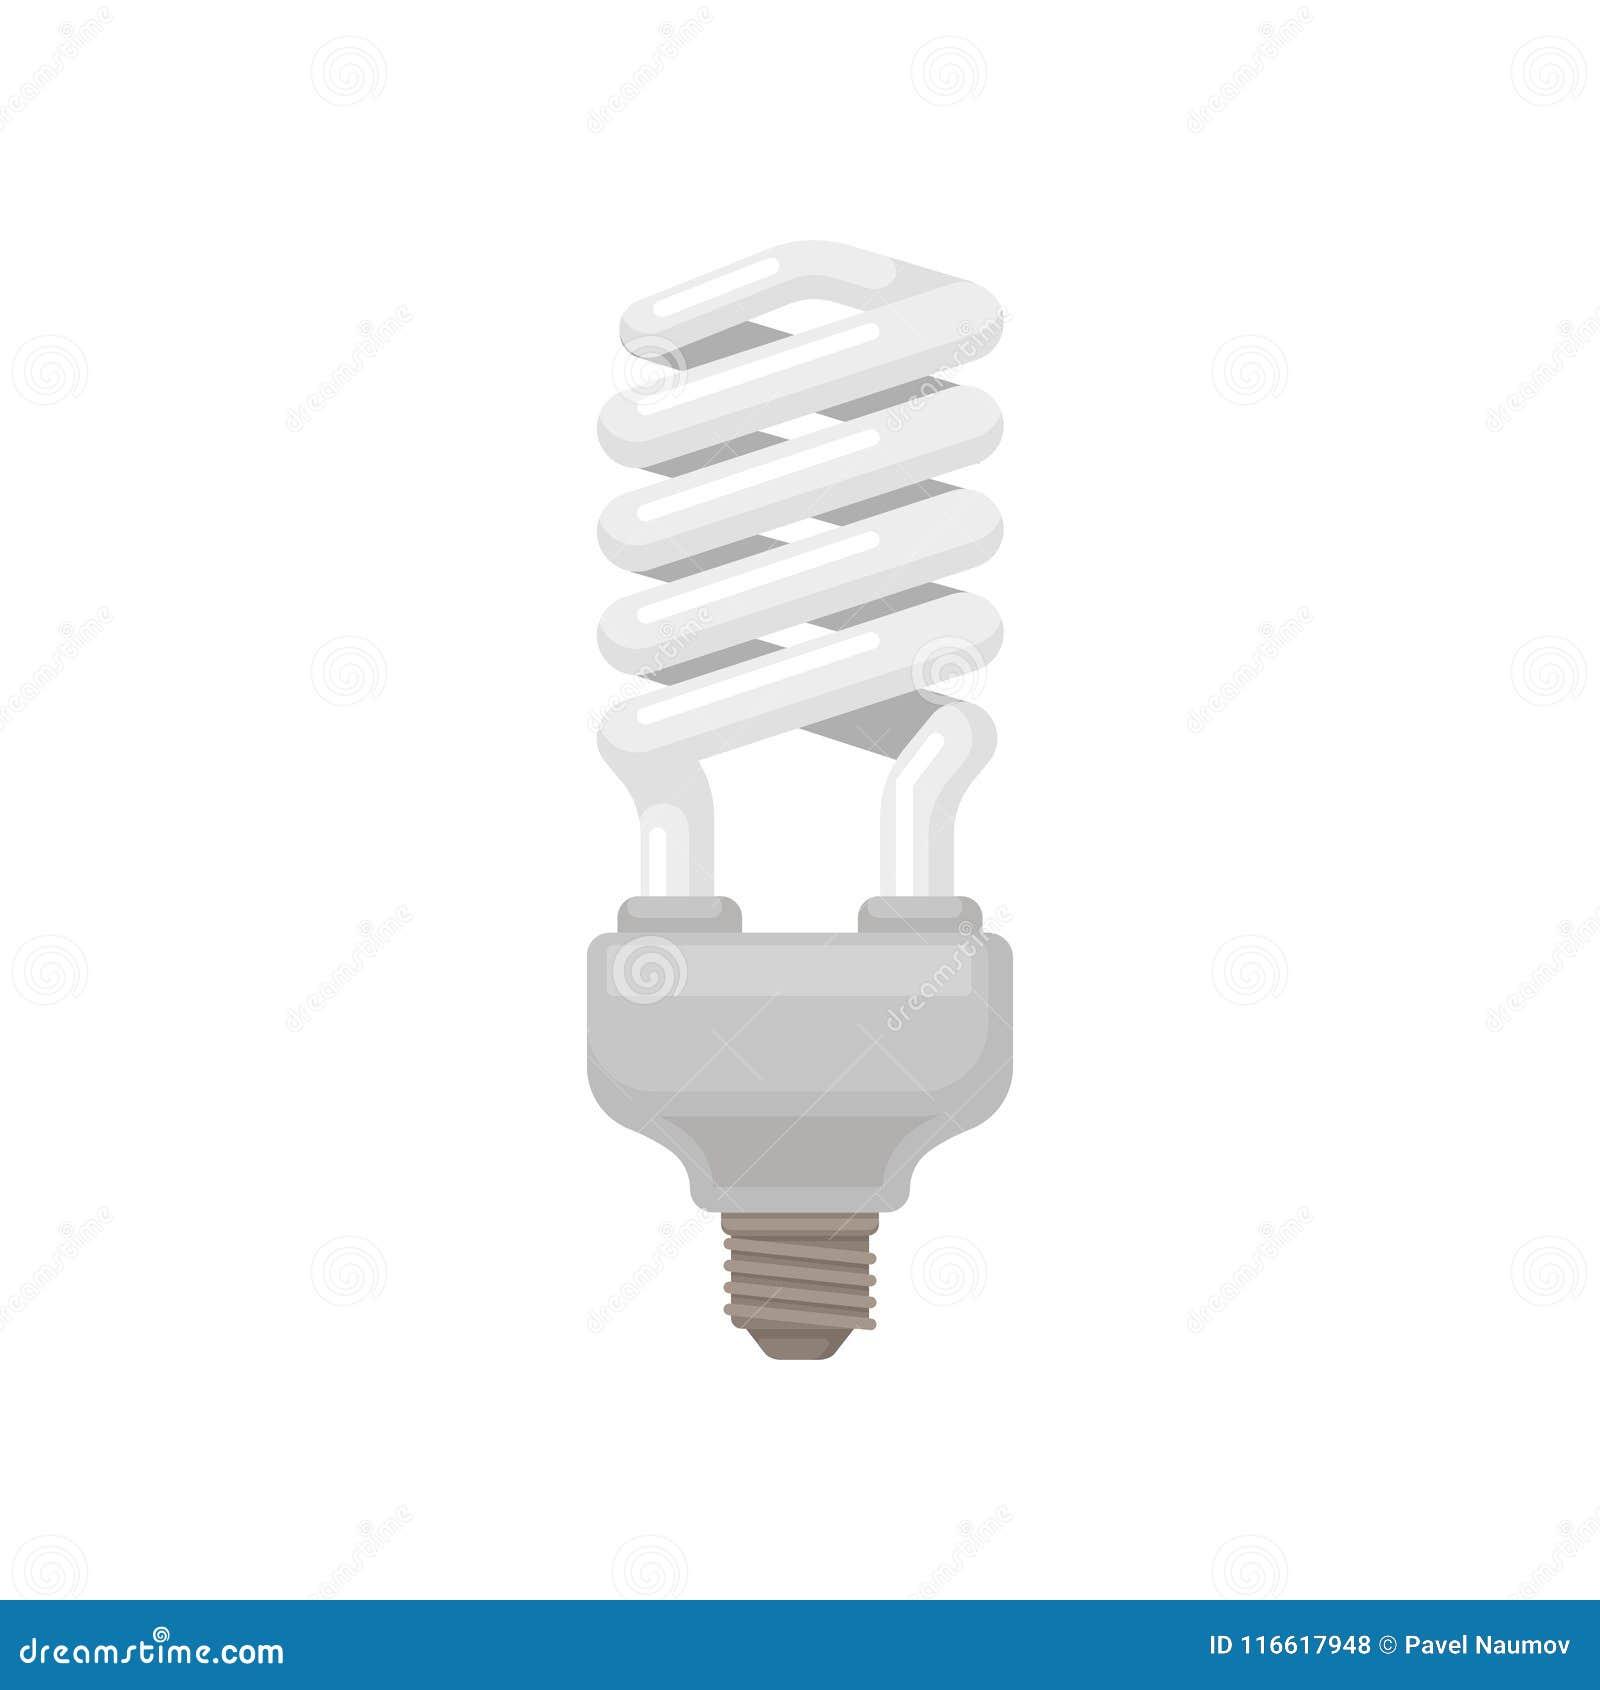 Spiraalvormig-gevormde compacte fluorescente lamp Energy-saving gloeilamp Vlak vectorelement voor infographic, promoaffiche of